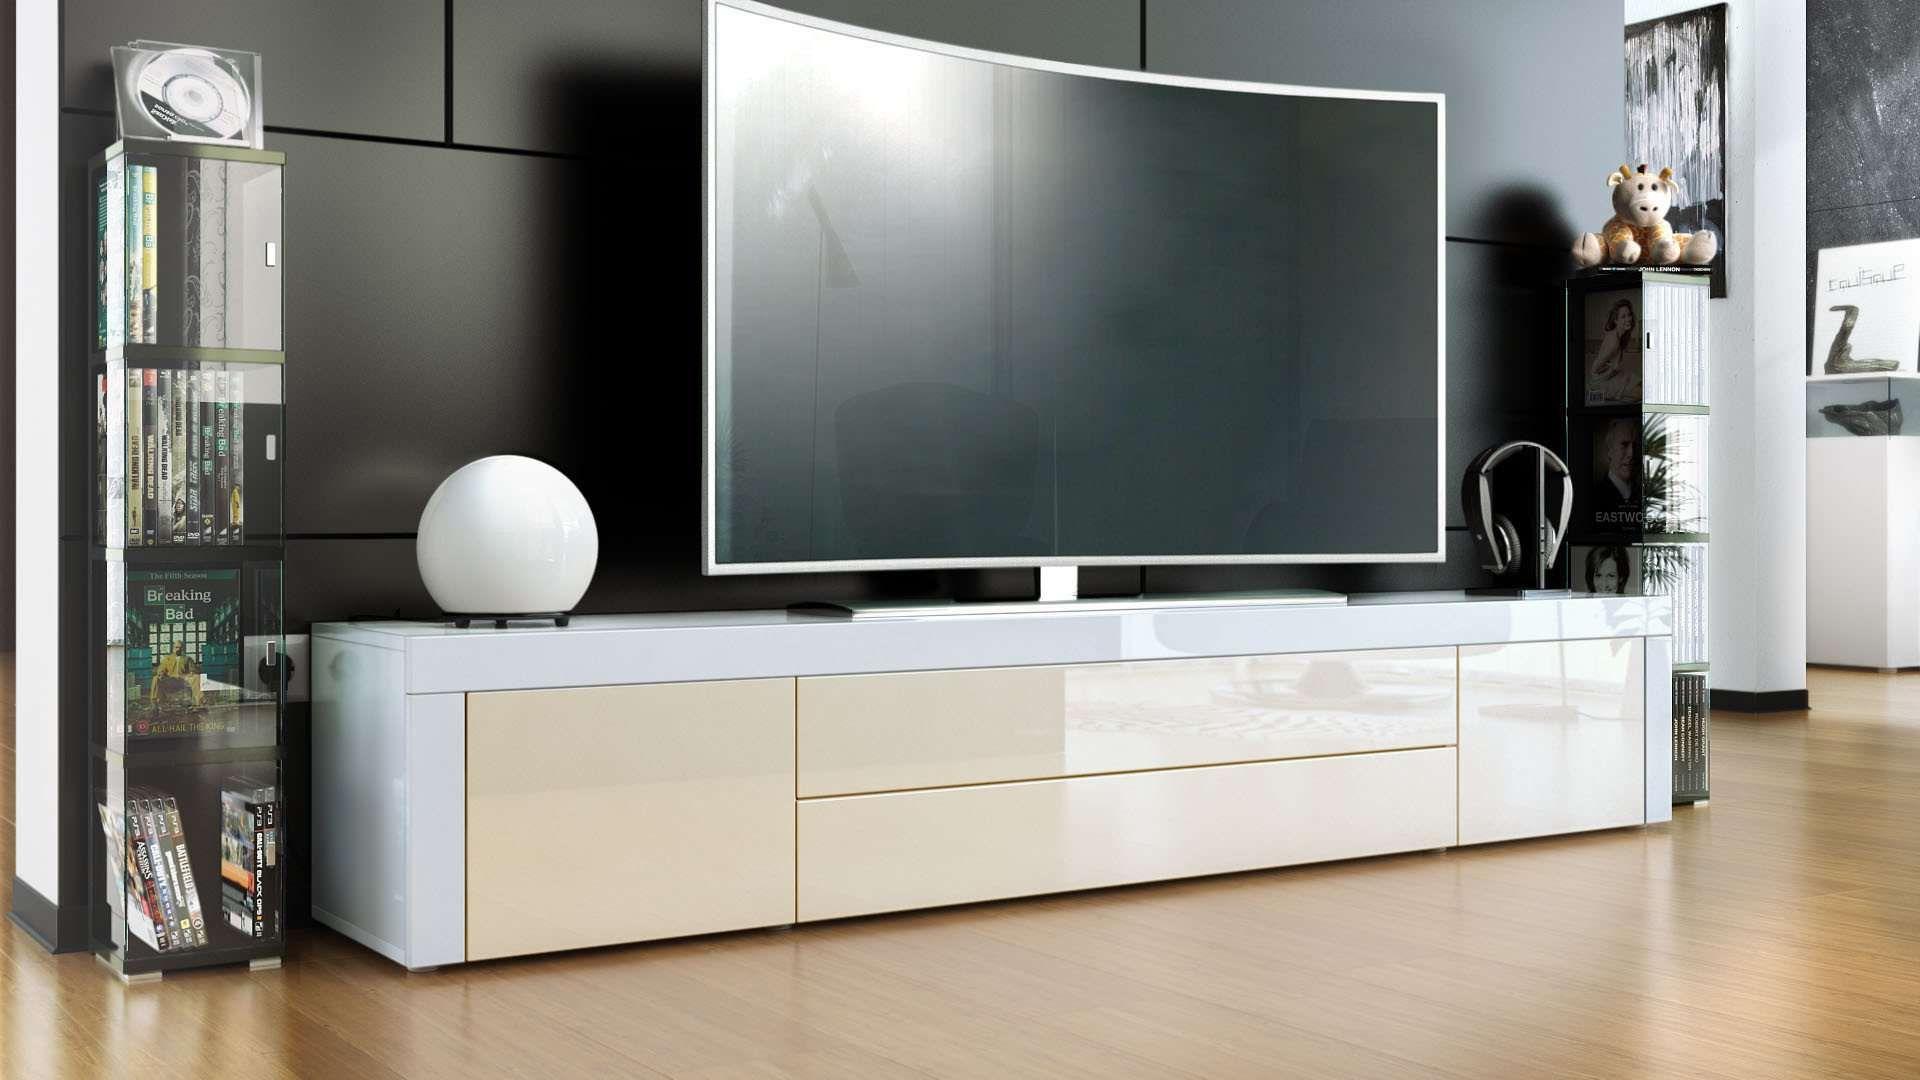 Тумба под телевизор в современном стиле: фото оригинальных идей